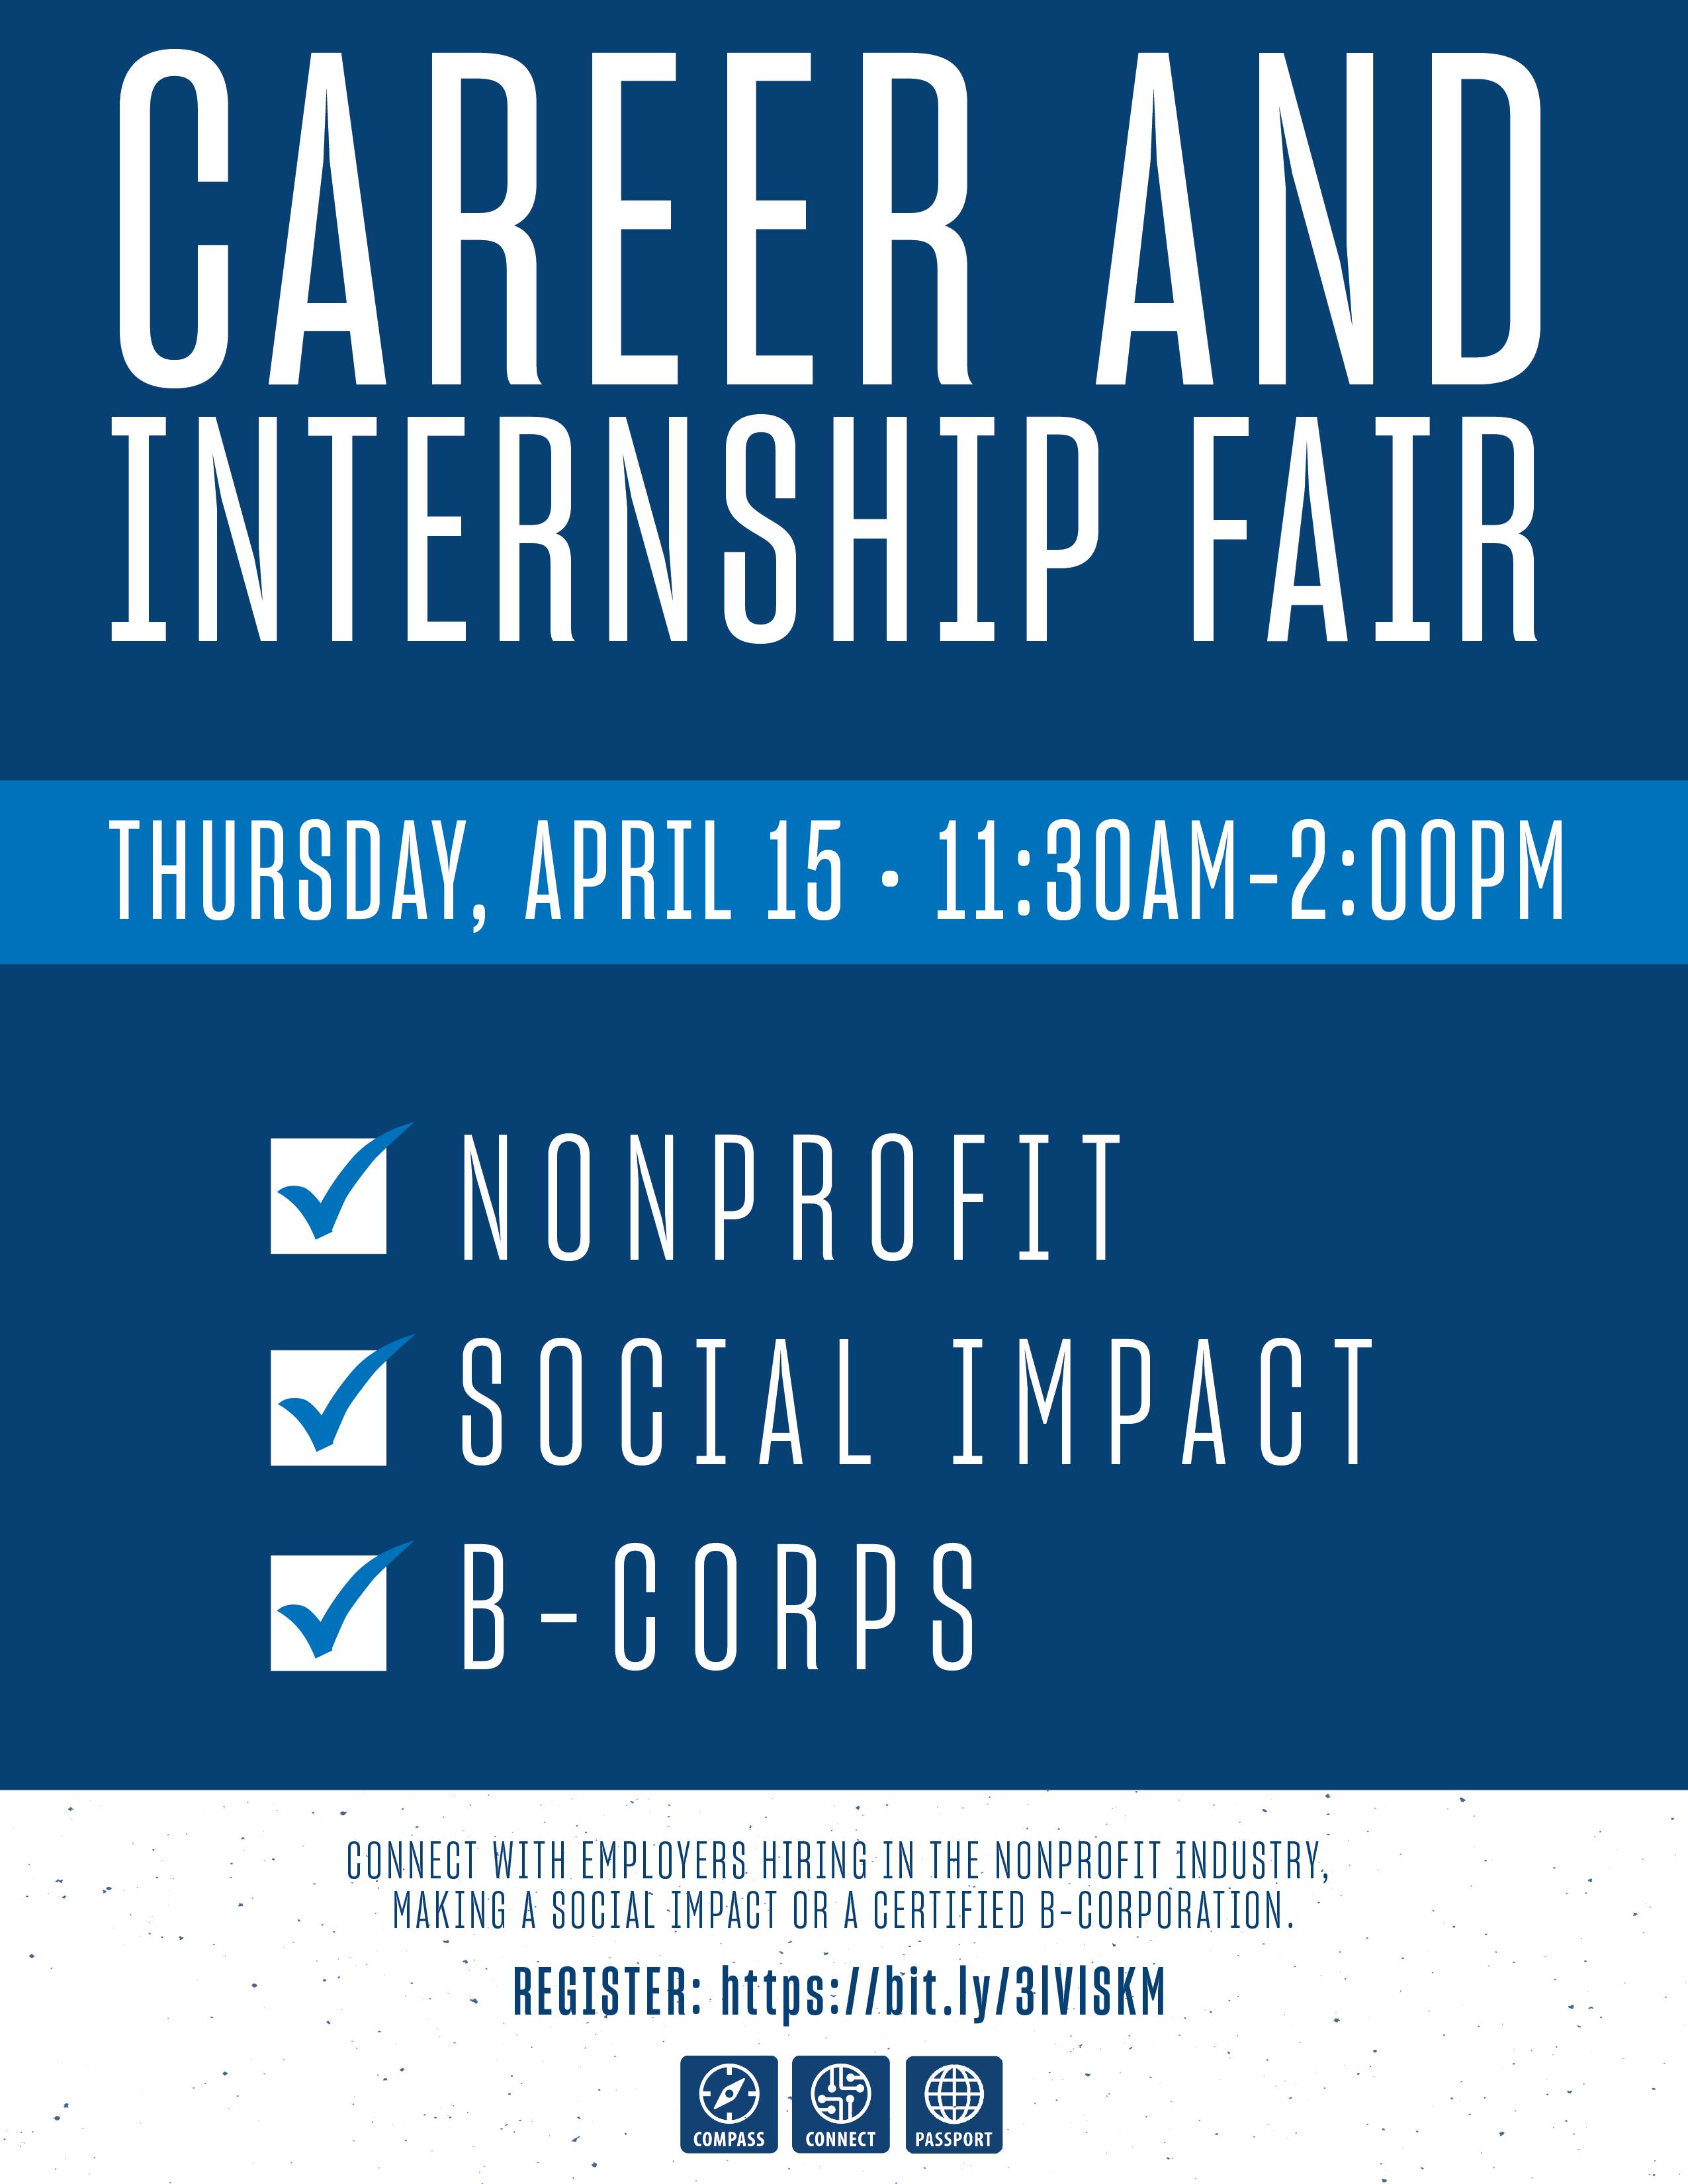 Social Impact Career Fair flyer